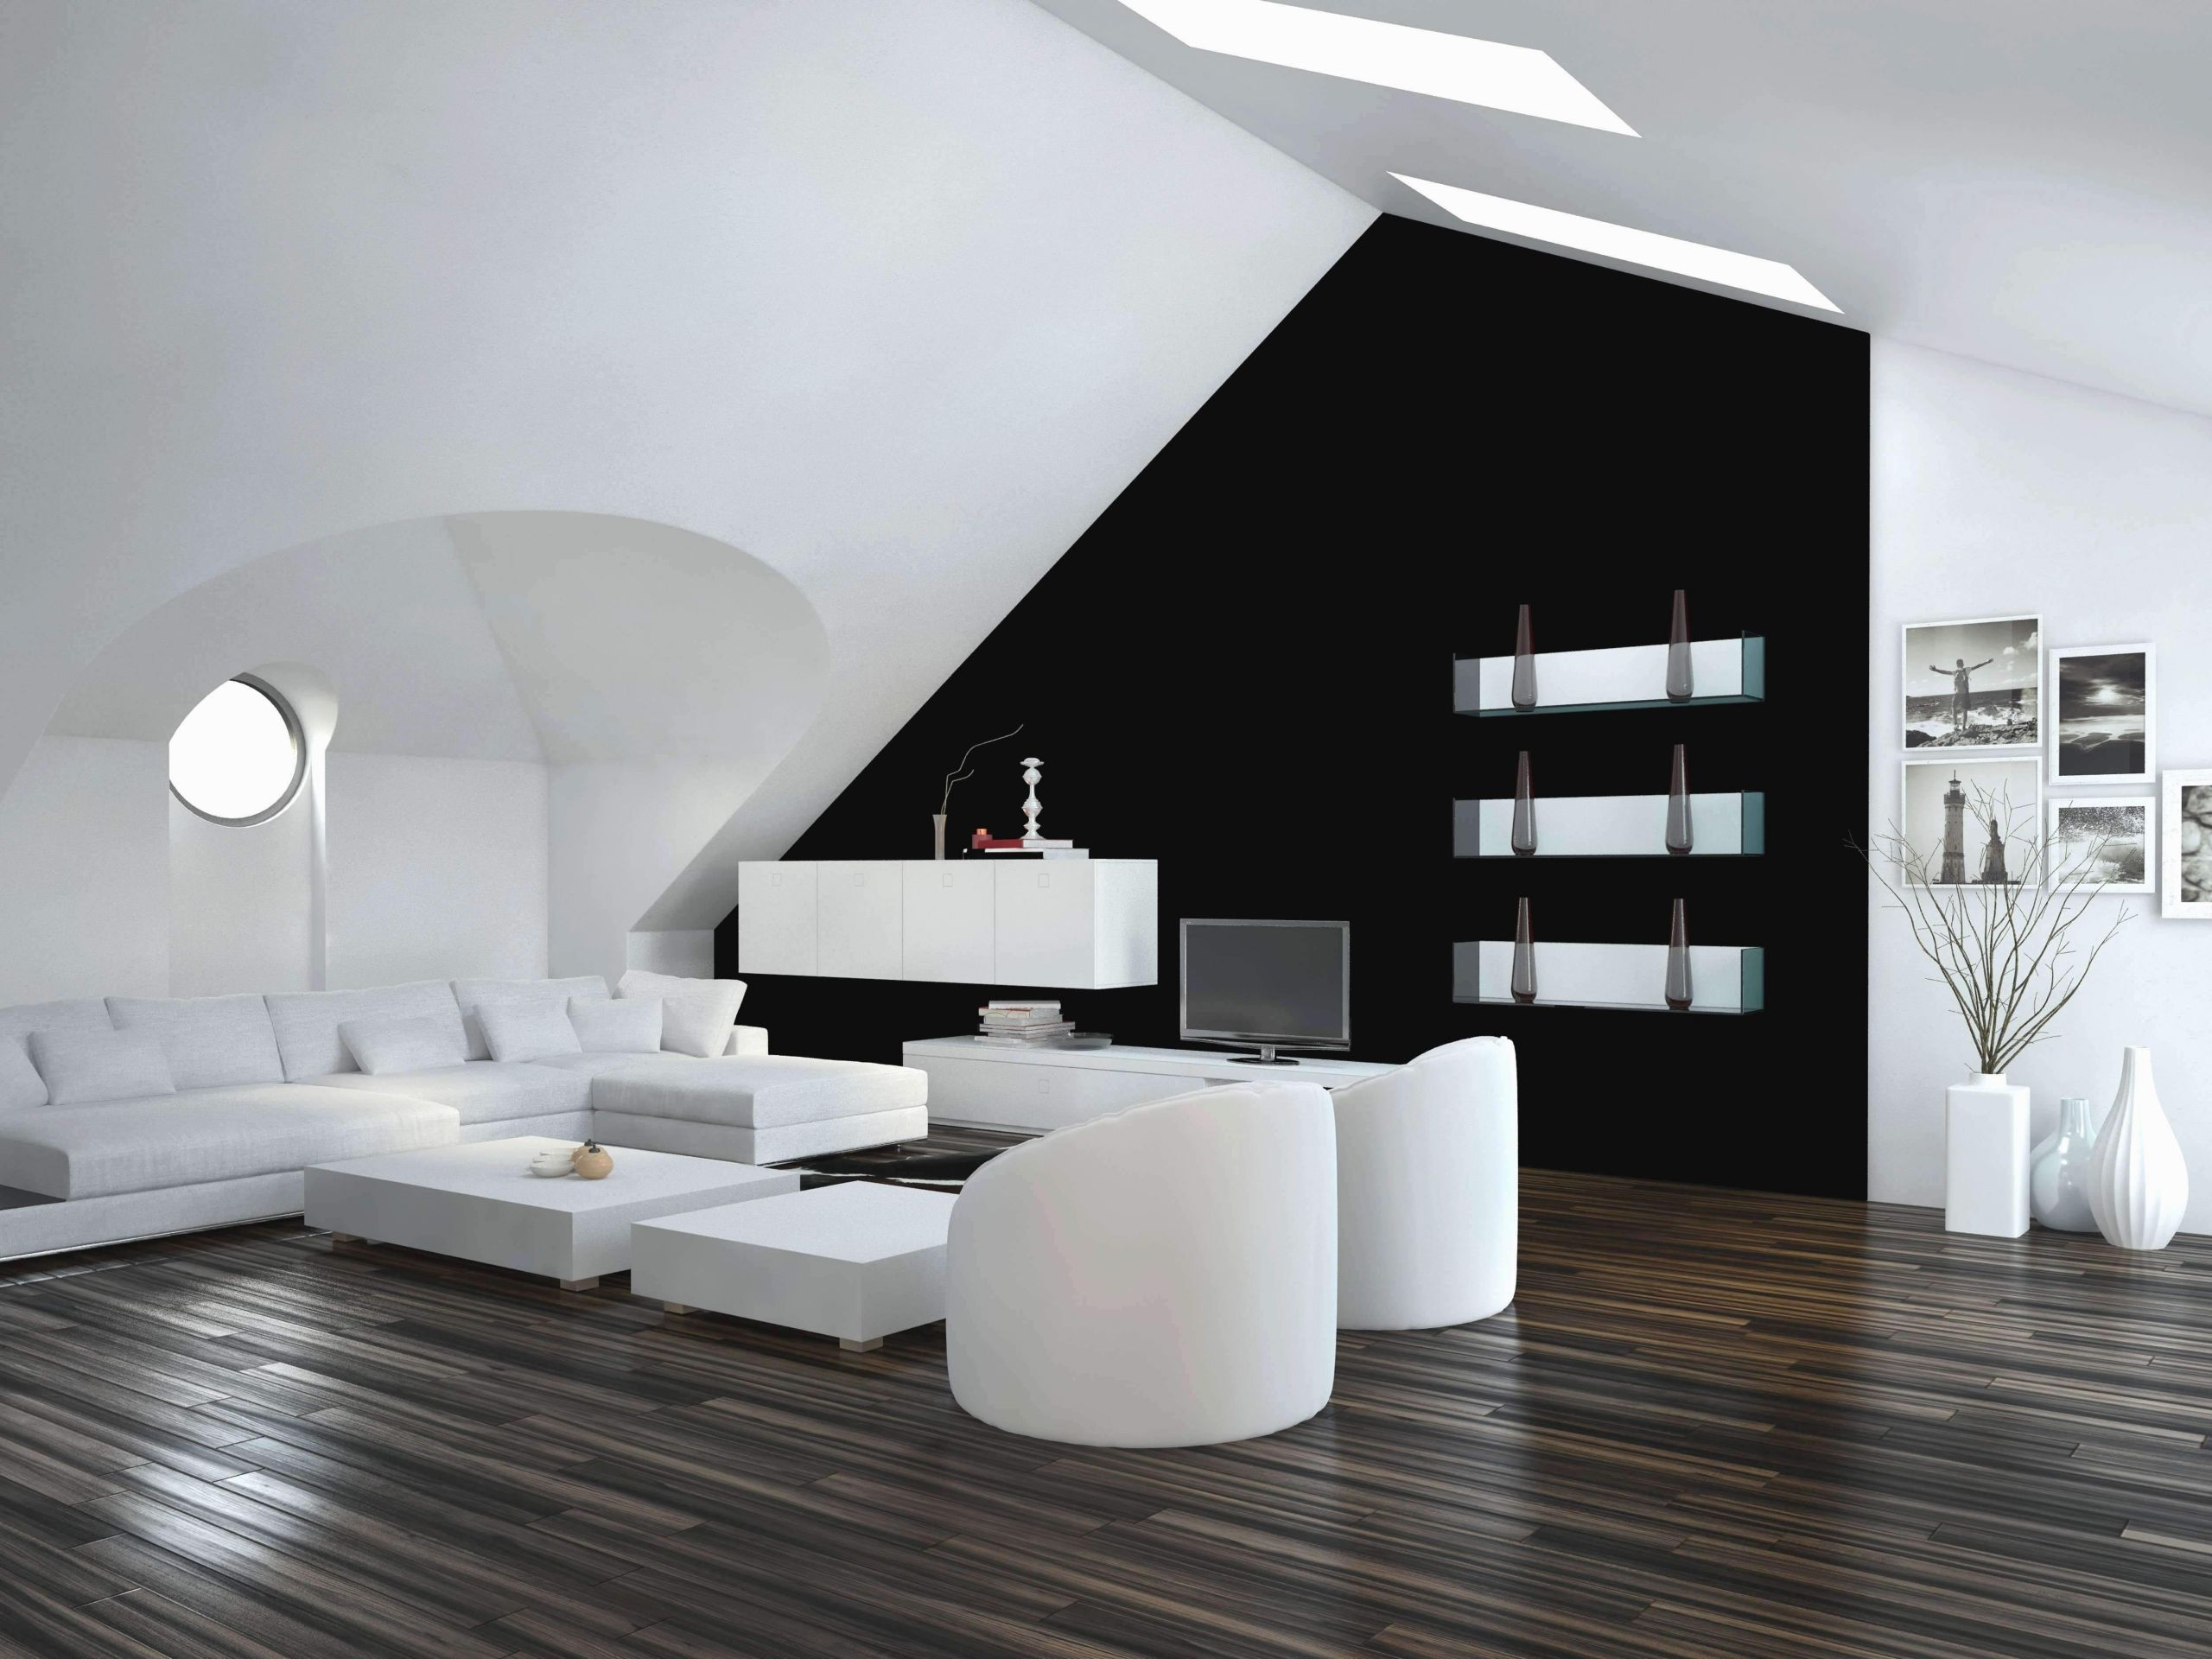 deko wohnzimmer selber machen das beste von steinwand wohnzimmer selber machen einzigartig wohnzimmer of deko wohnzimmer selber machen